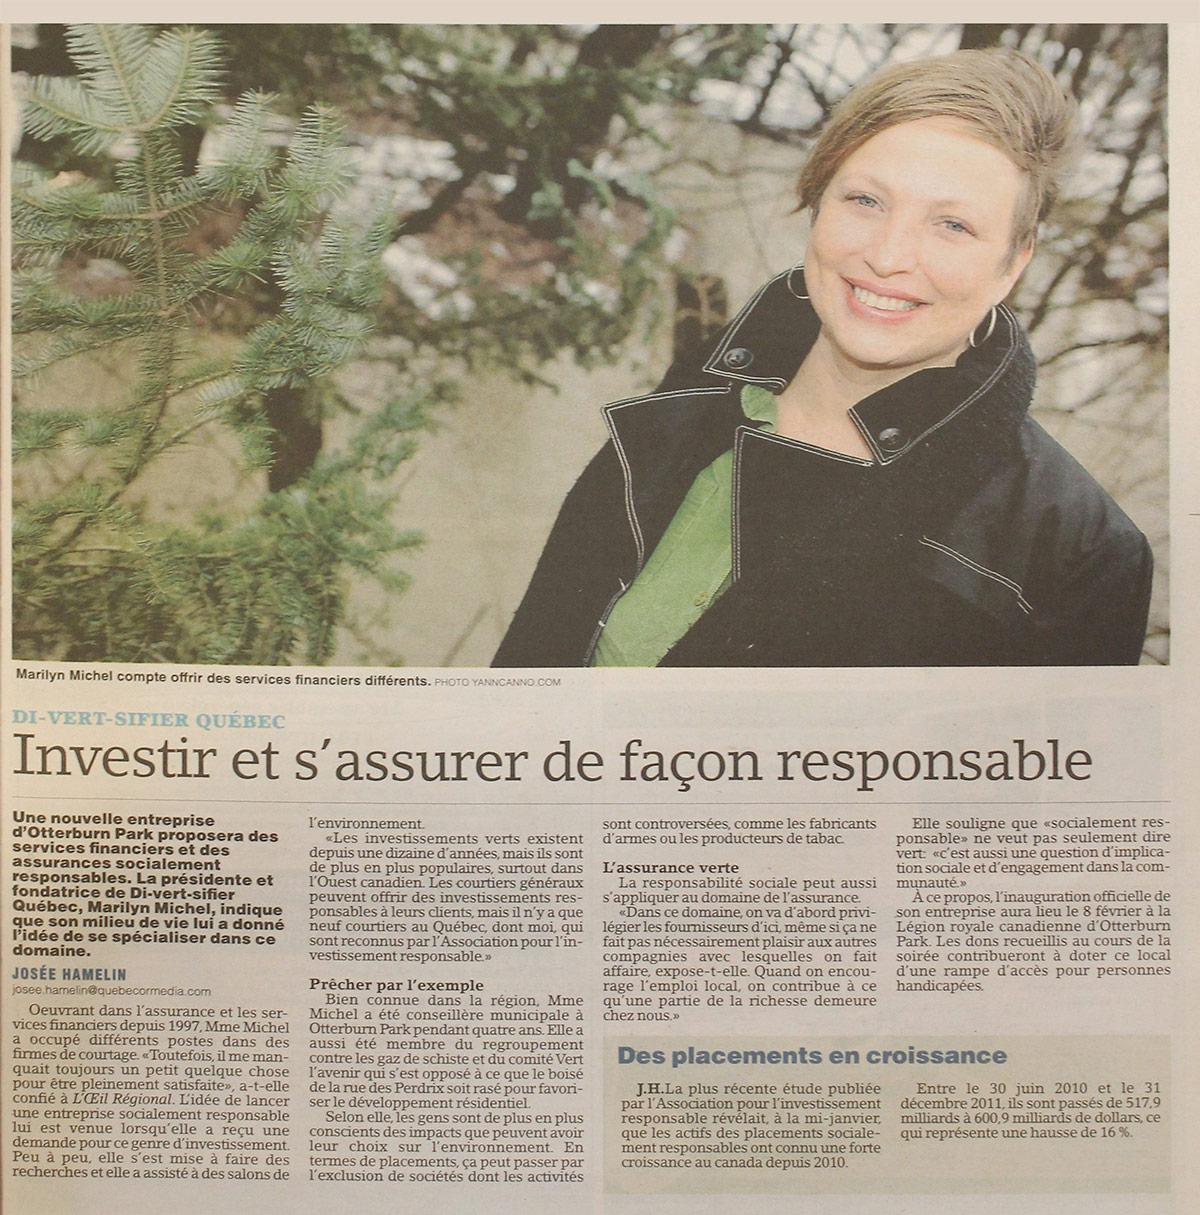 Article dans l'Oeil Régional Di-vert-sifier 2013